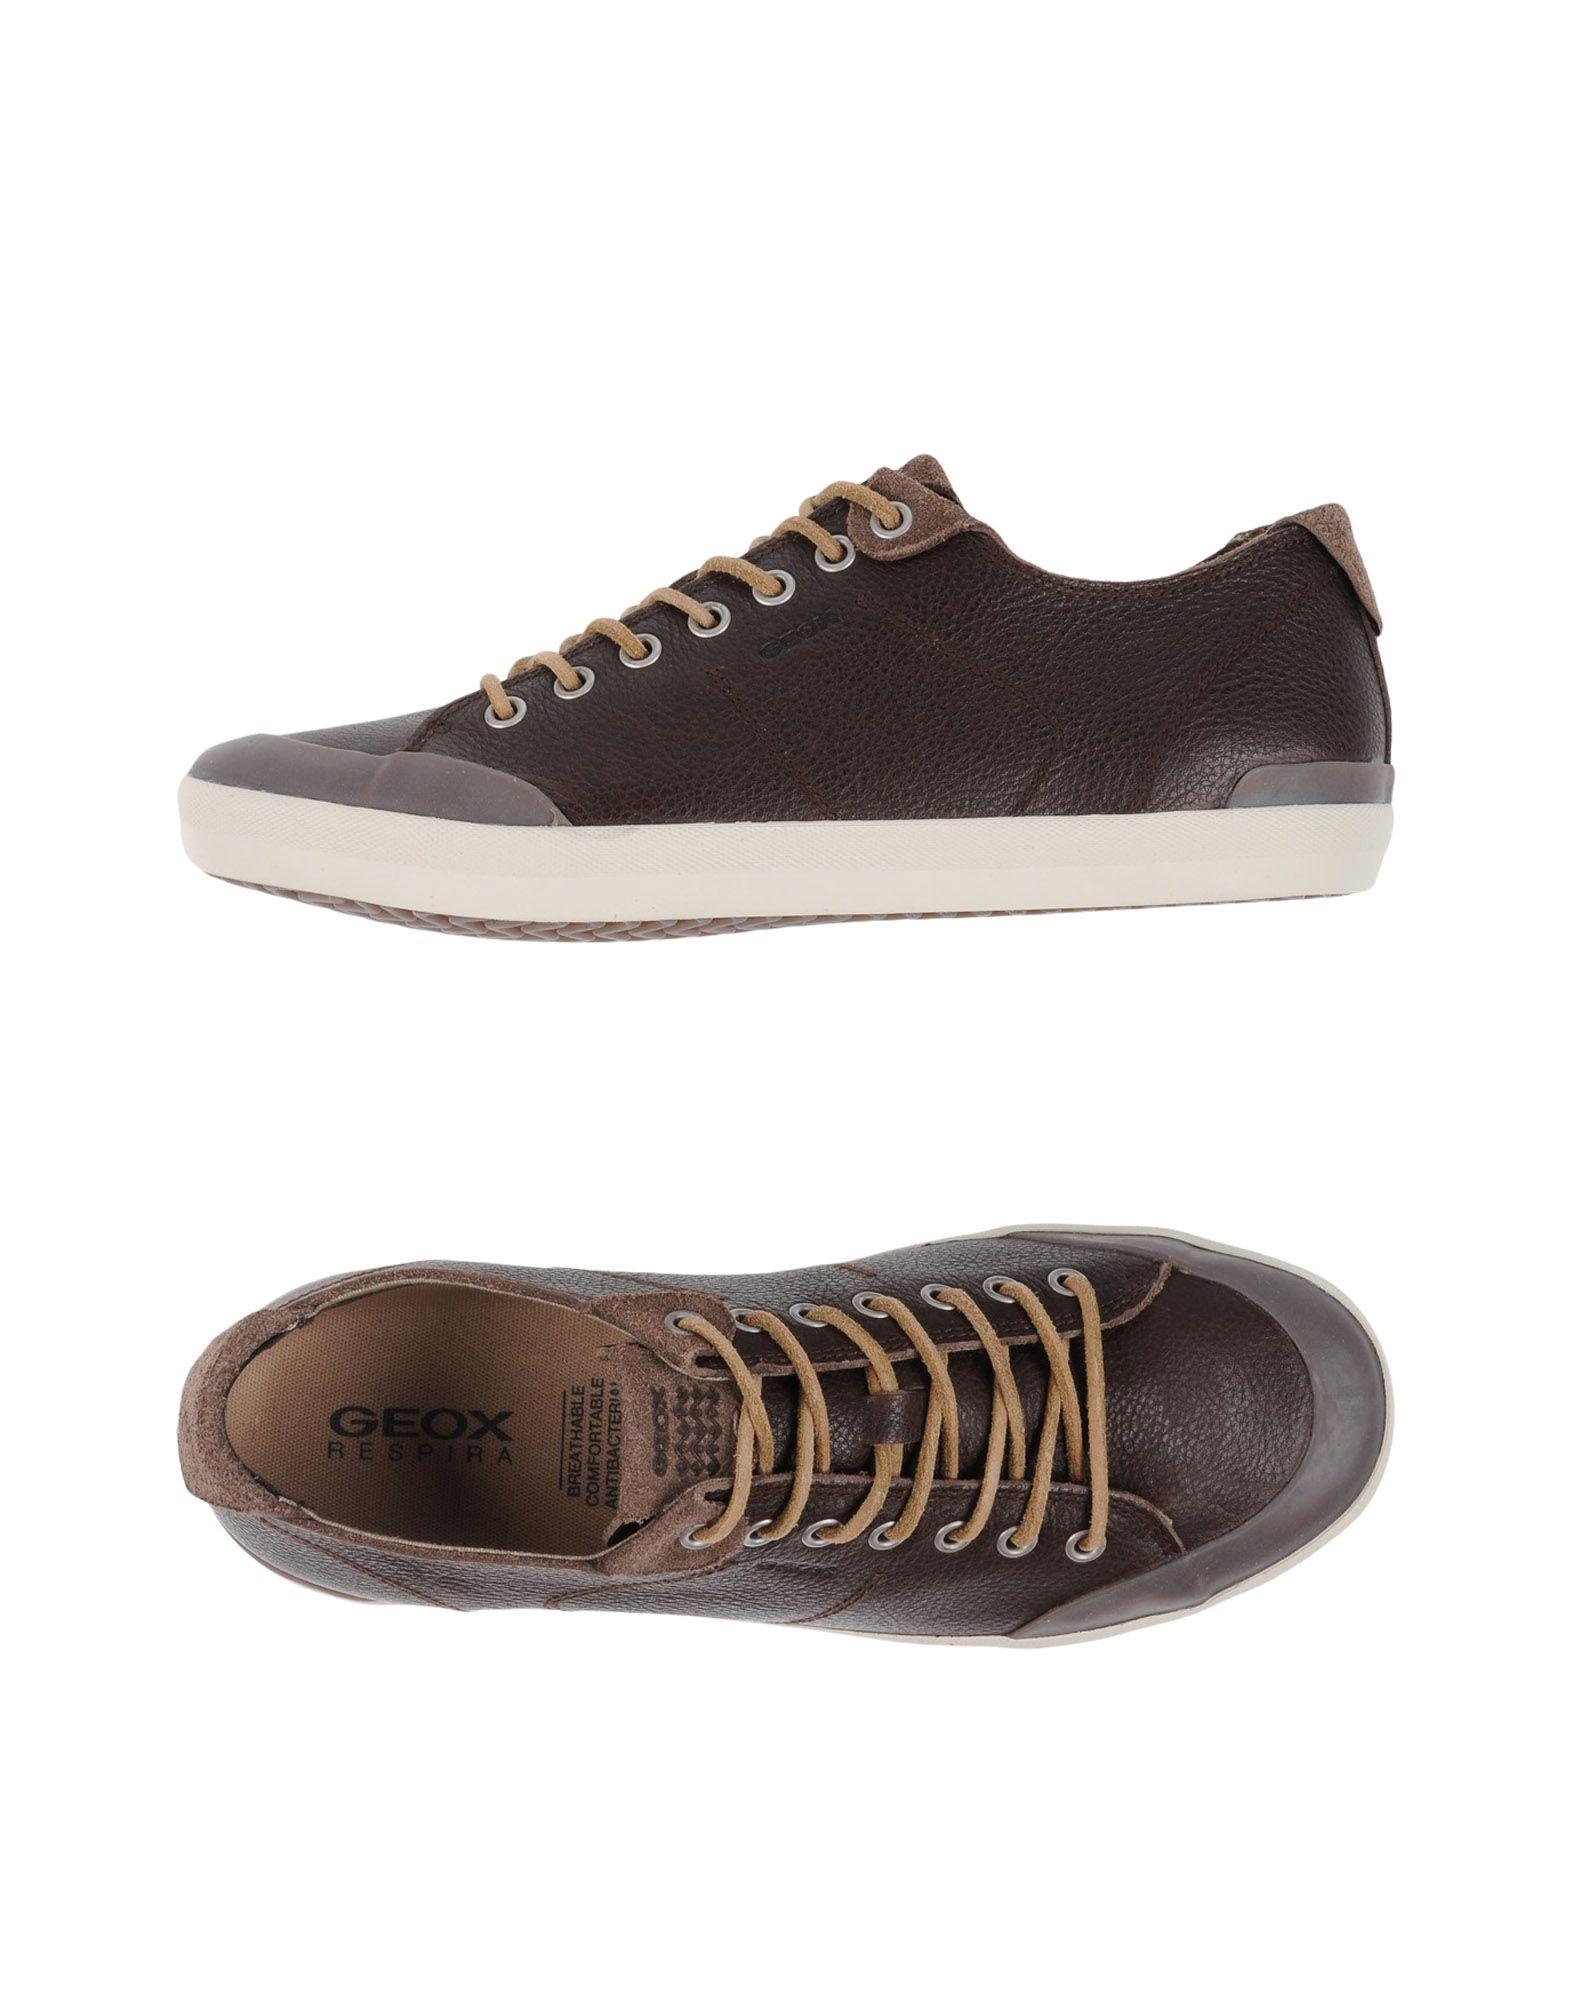 Scarpe economiche e resistenti Sneakers Geox Uomo - 11192287MW